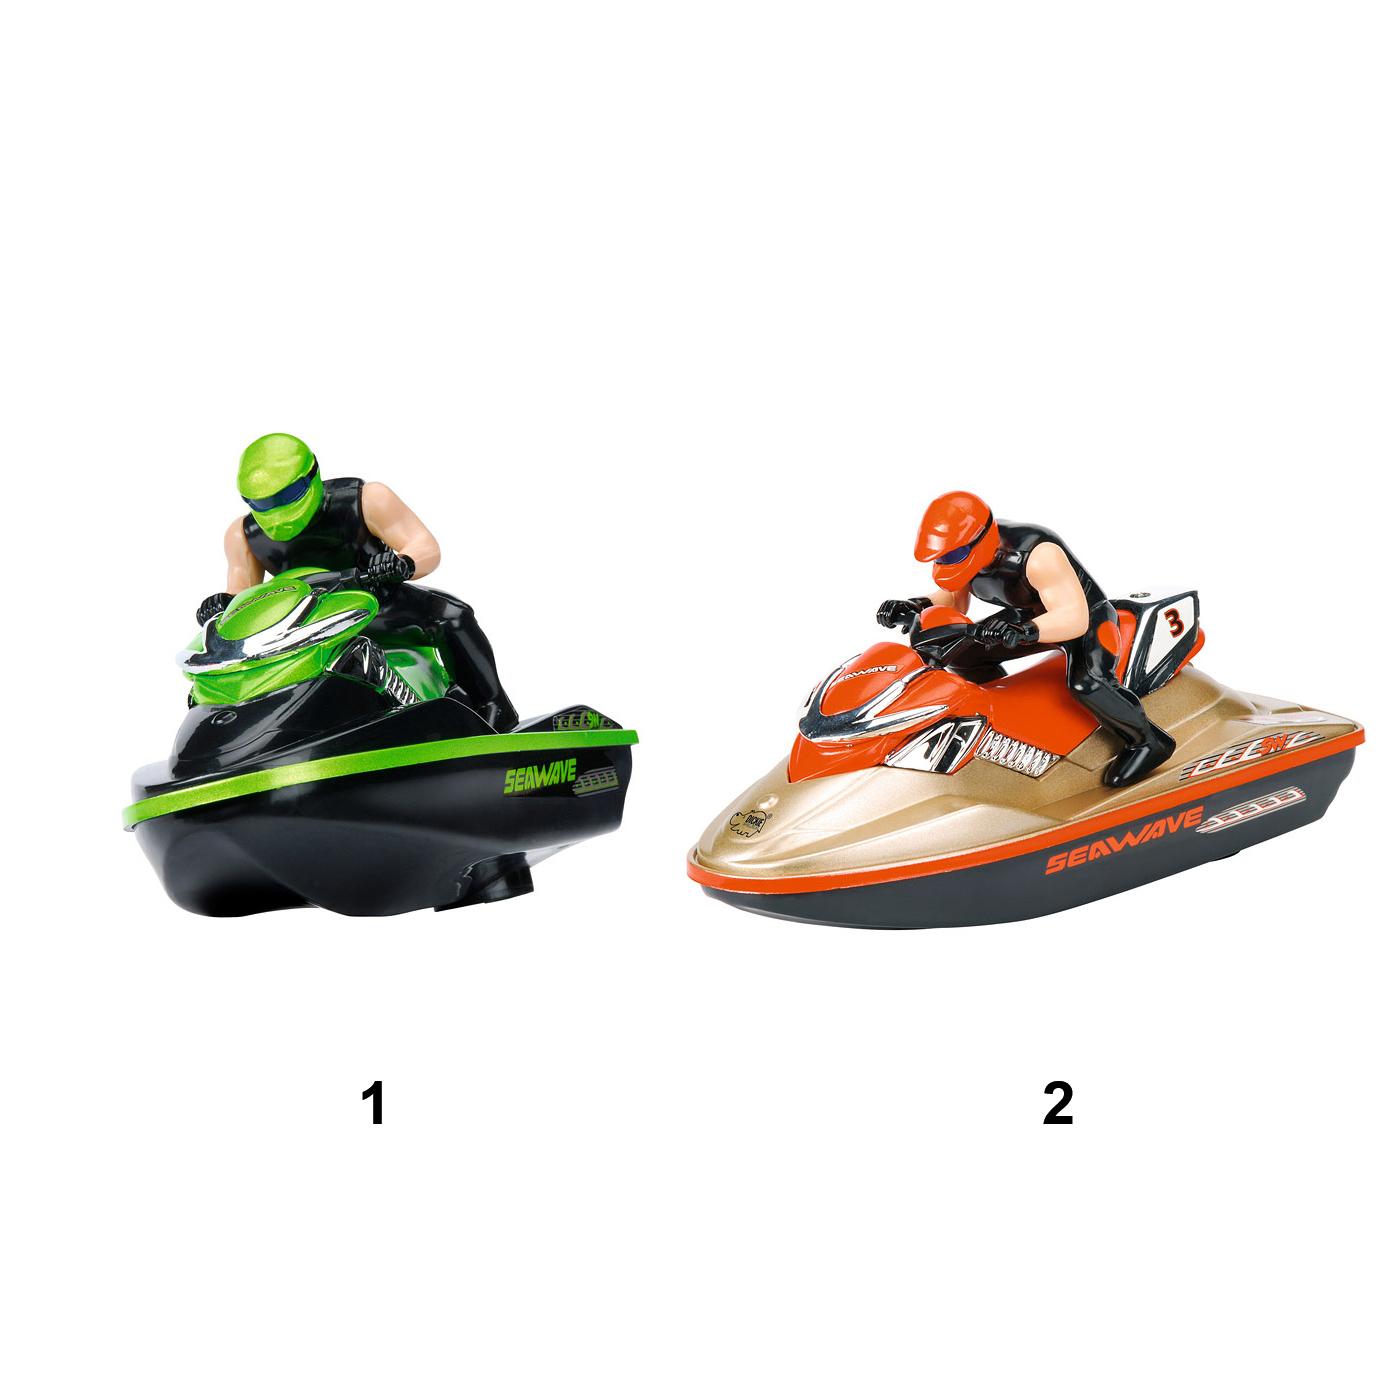 Скоростной скутер, 22 см., 2 видаИгрушки для ванной<br>Скоростной скутер, 22 см., 2 вида<br>